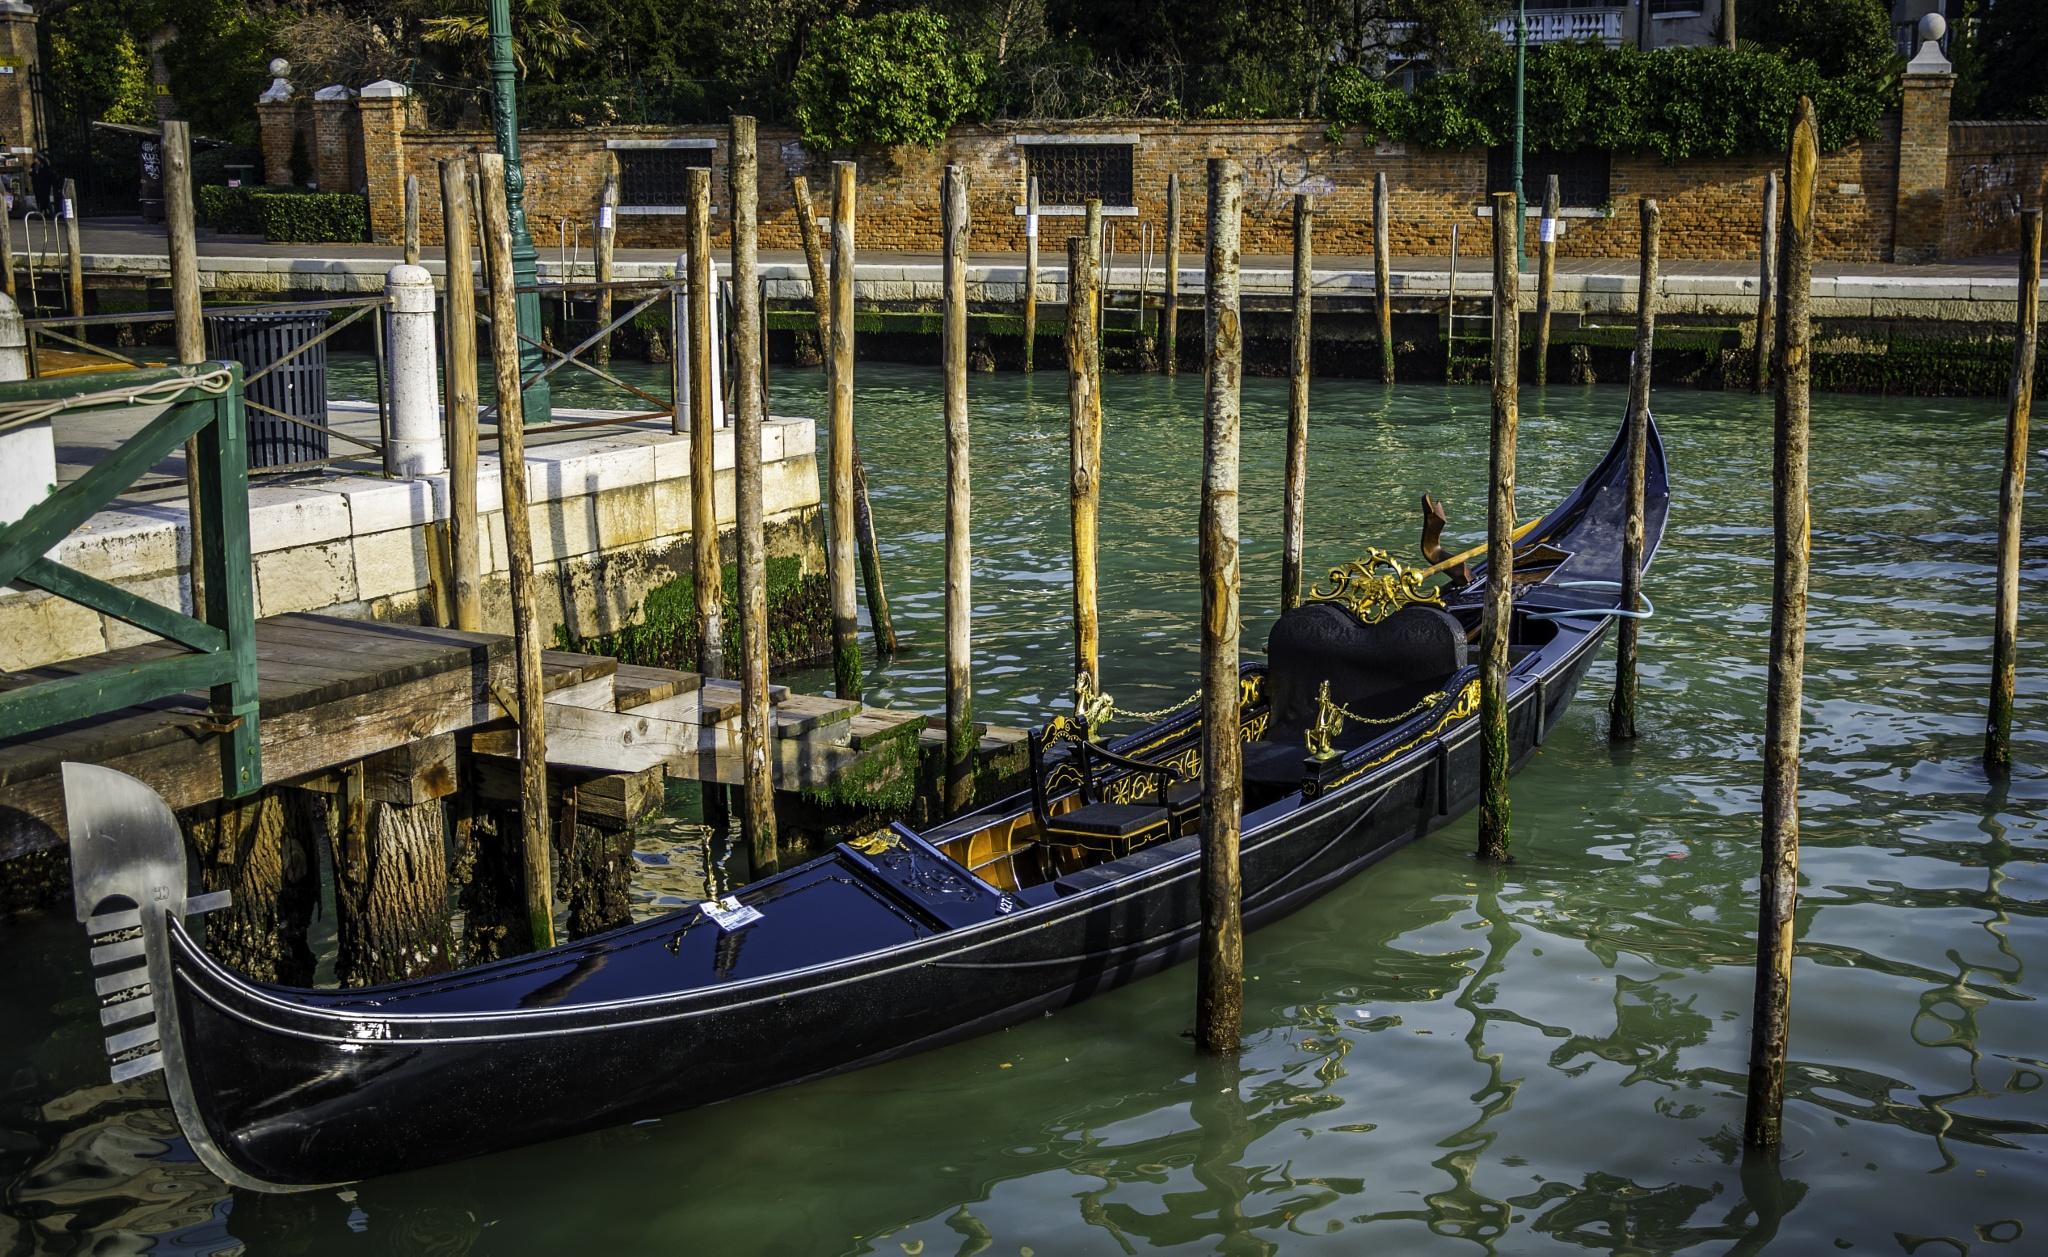 Gondola by D.W.Images